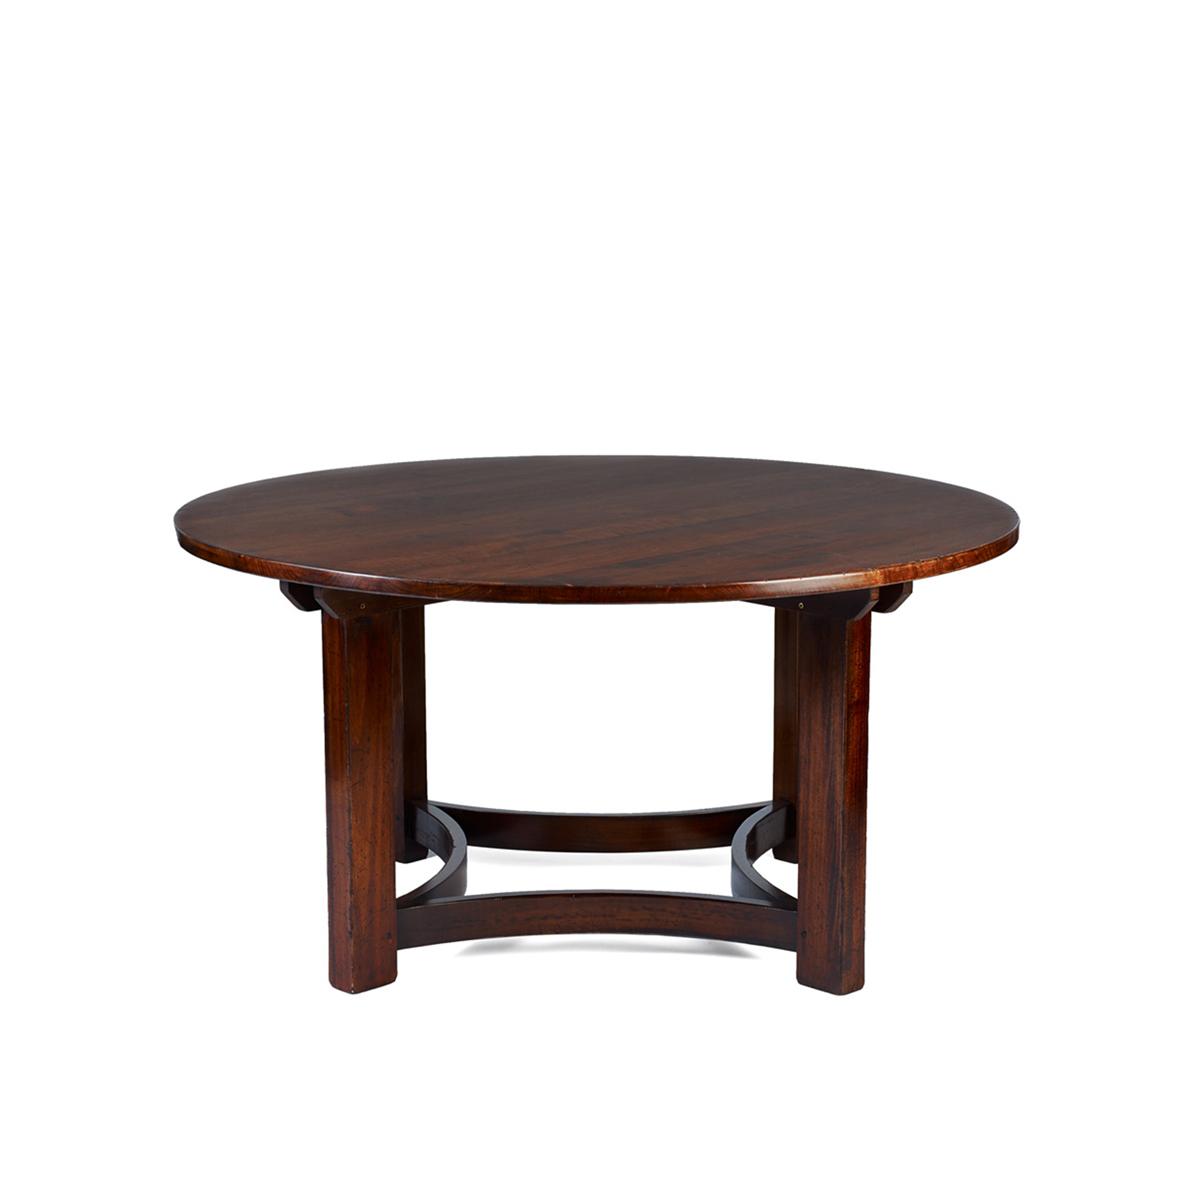 Applcross-Dining-Table_For-Web.jpg